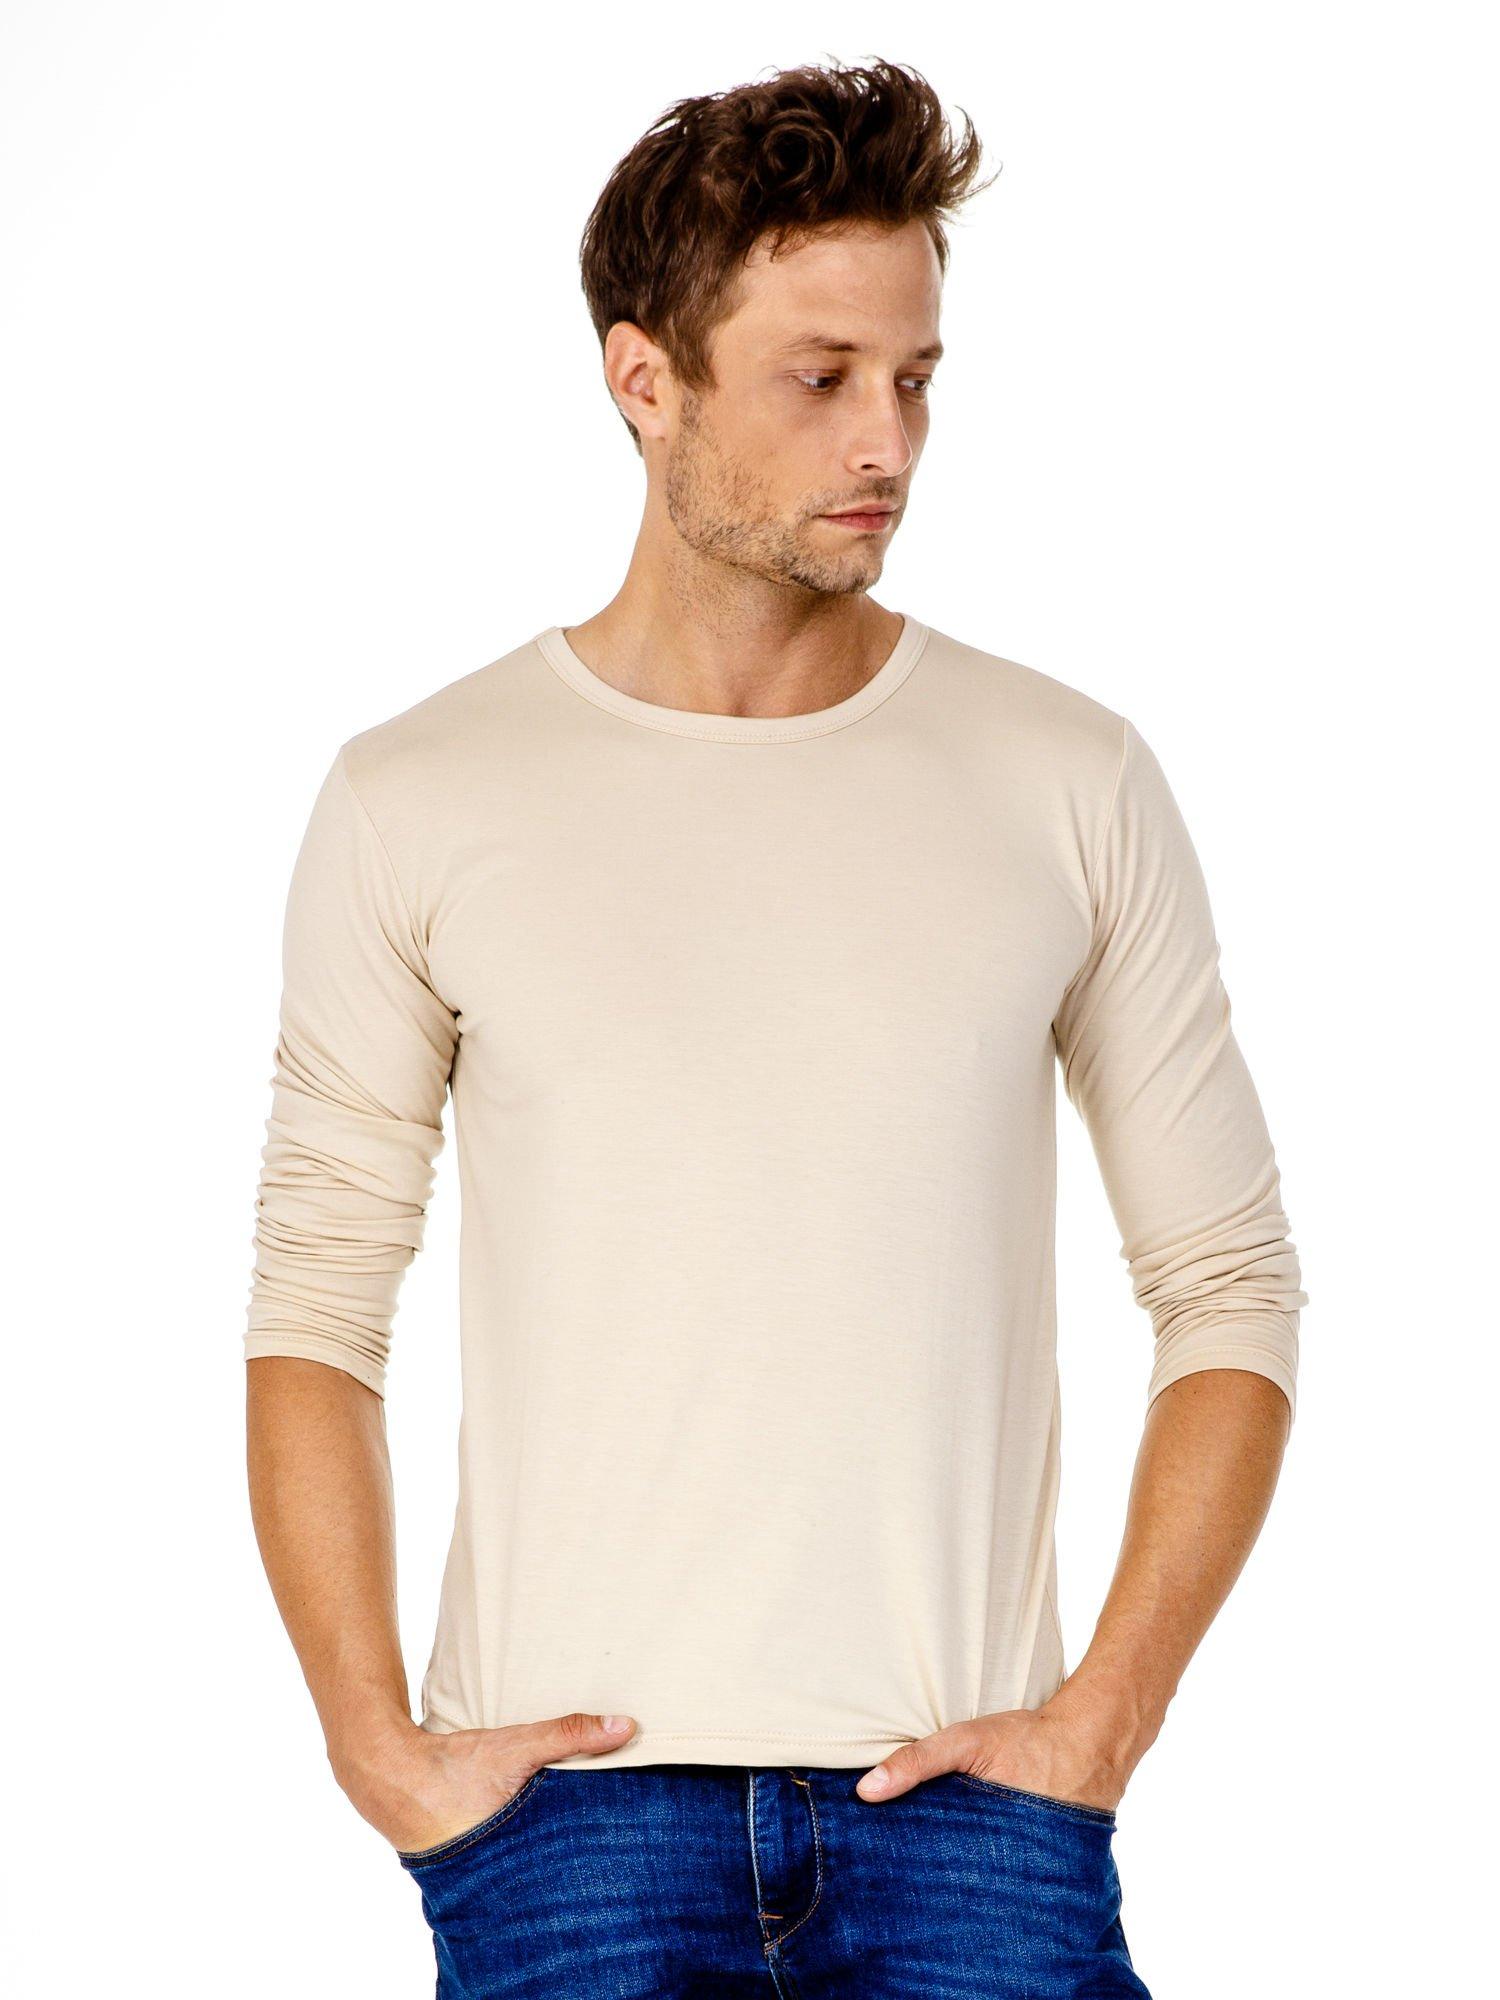 Beżowa gładka koszulka męska longsleeve                                  zdj.                                  2